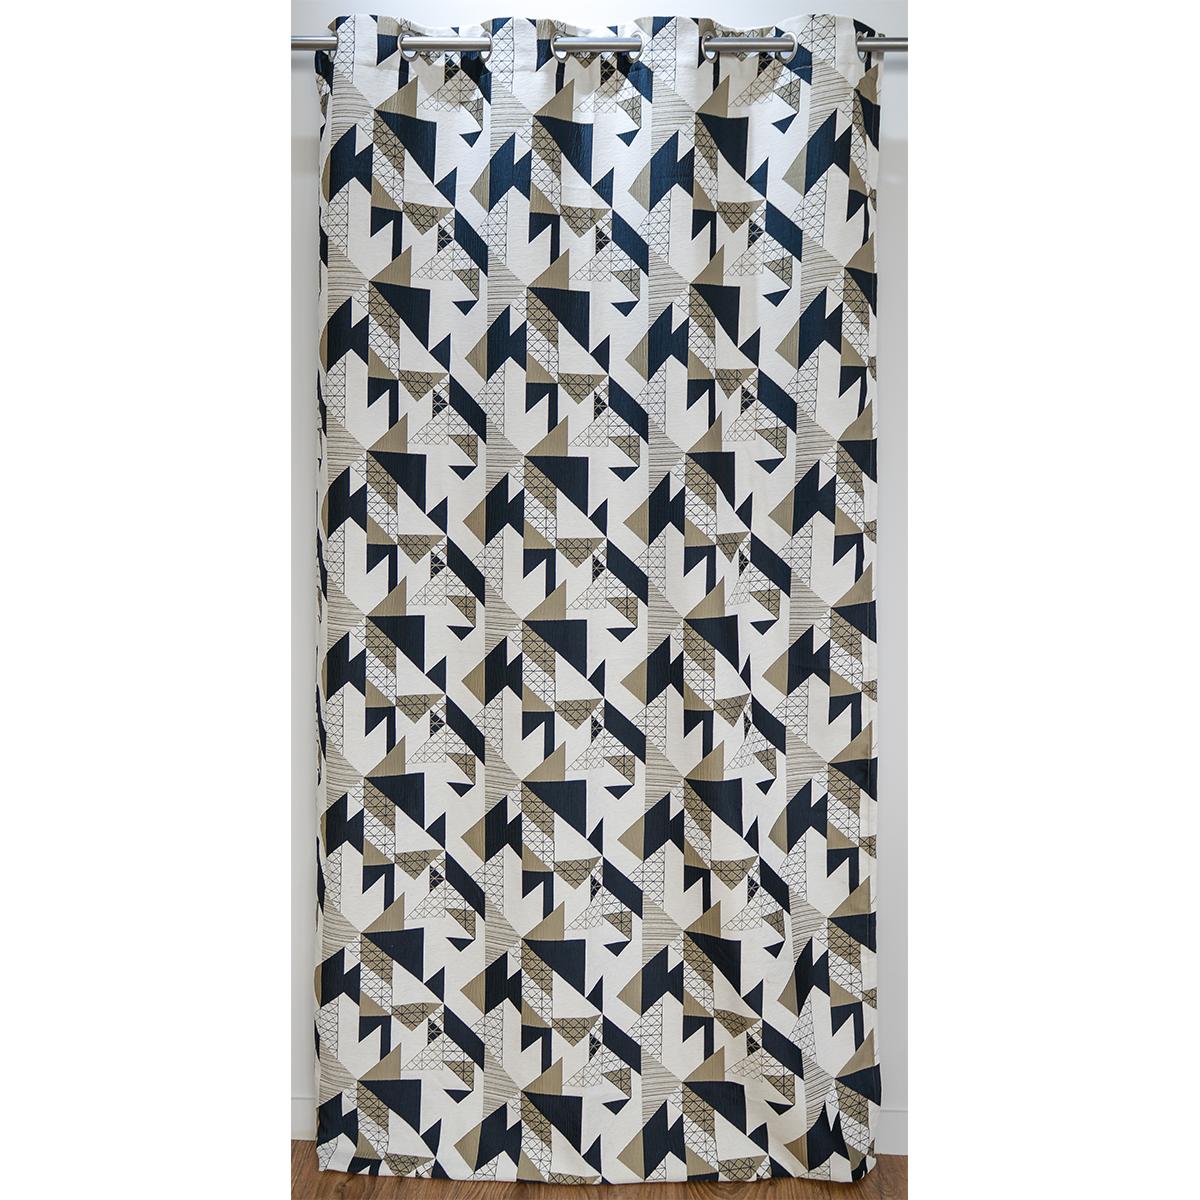 Rideau ameublement jacquard motif géométrique 140x260 cm (Lin)